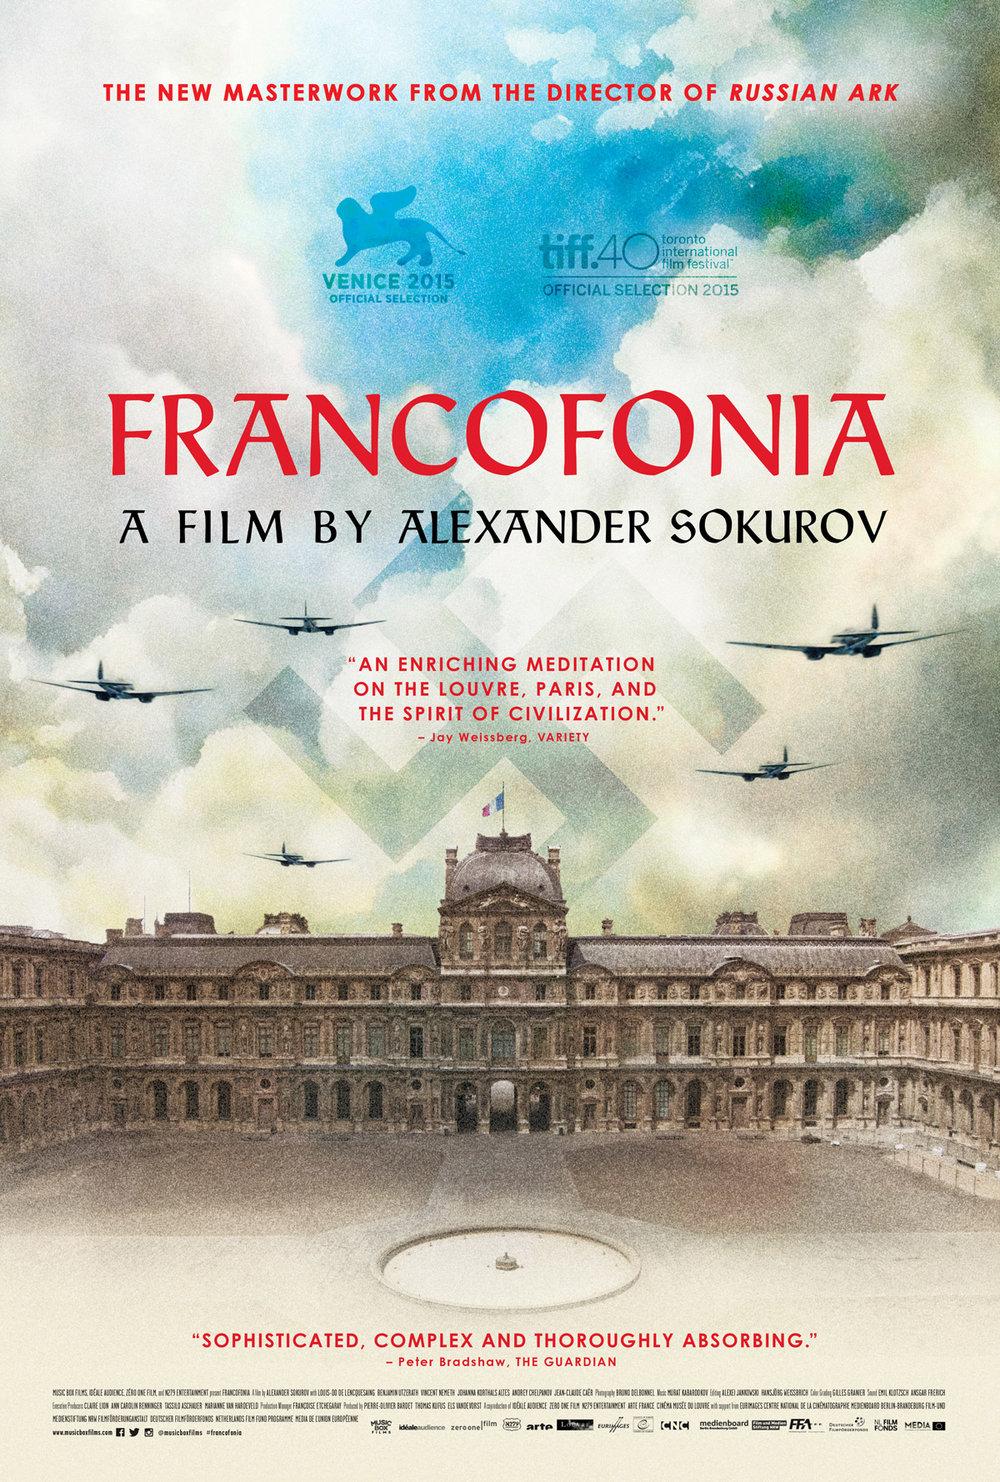 FrancofoniaPoster.jpg